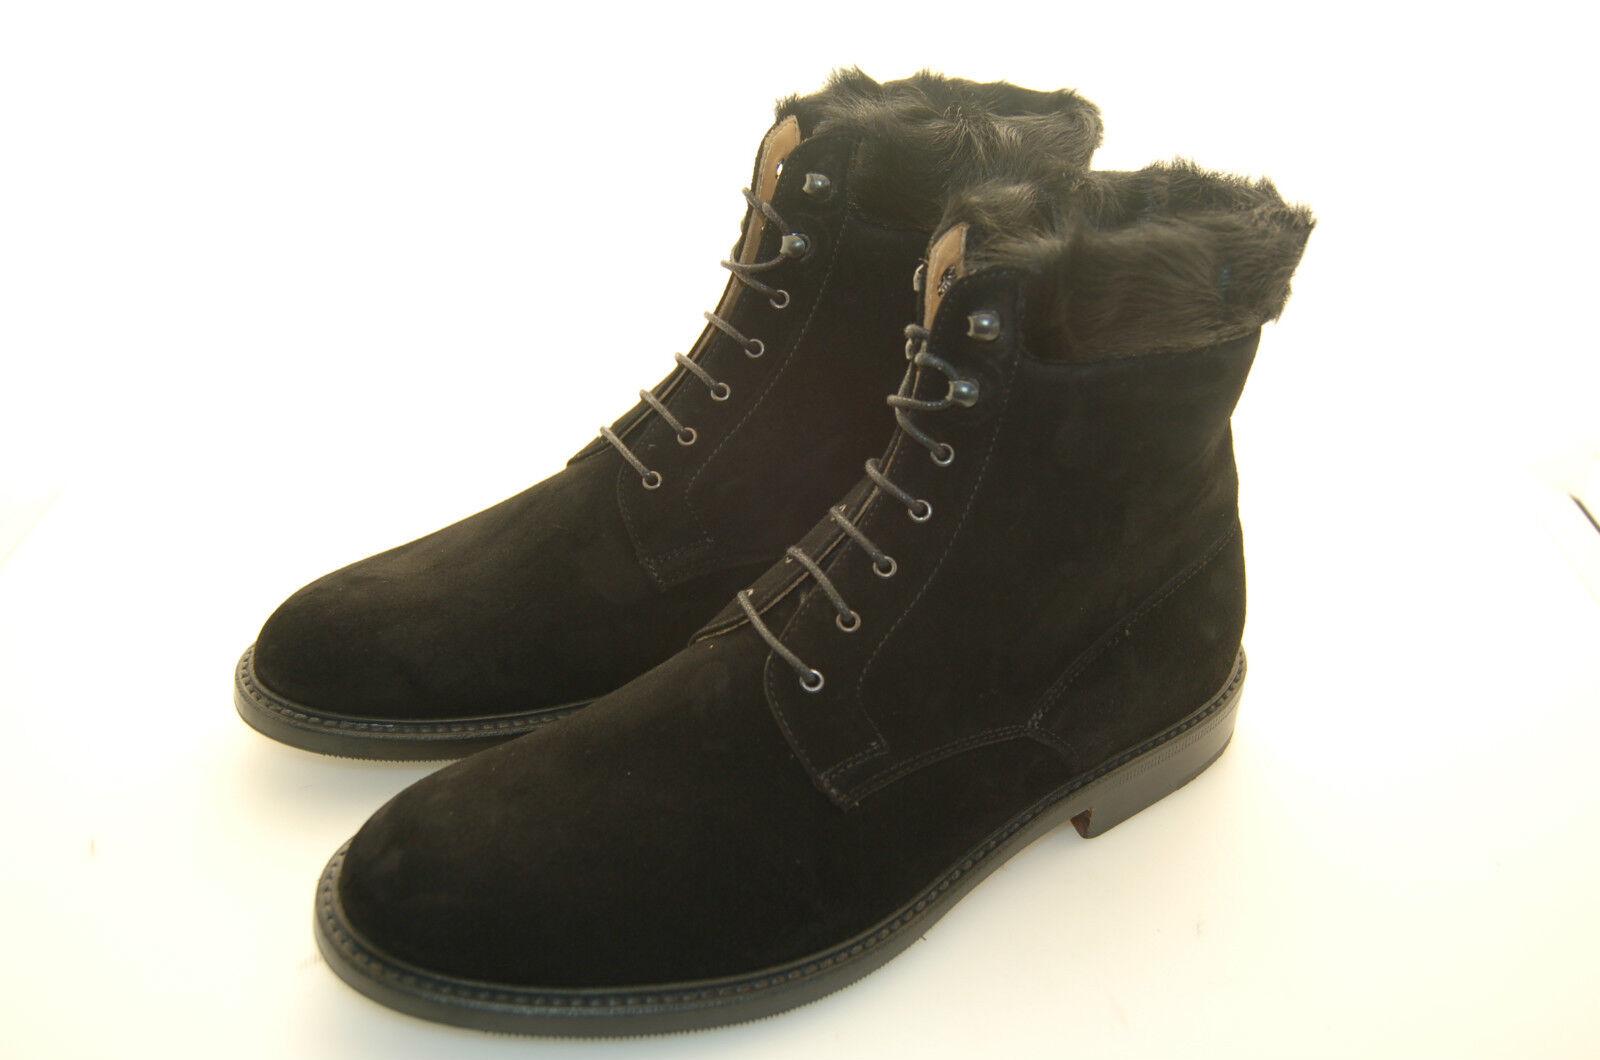 WOMAN - LACE BOOTS - STIVALETTO - SUEDE BLACK - CAMOSCIO black - LTH SOLE+½RUBBER